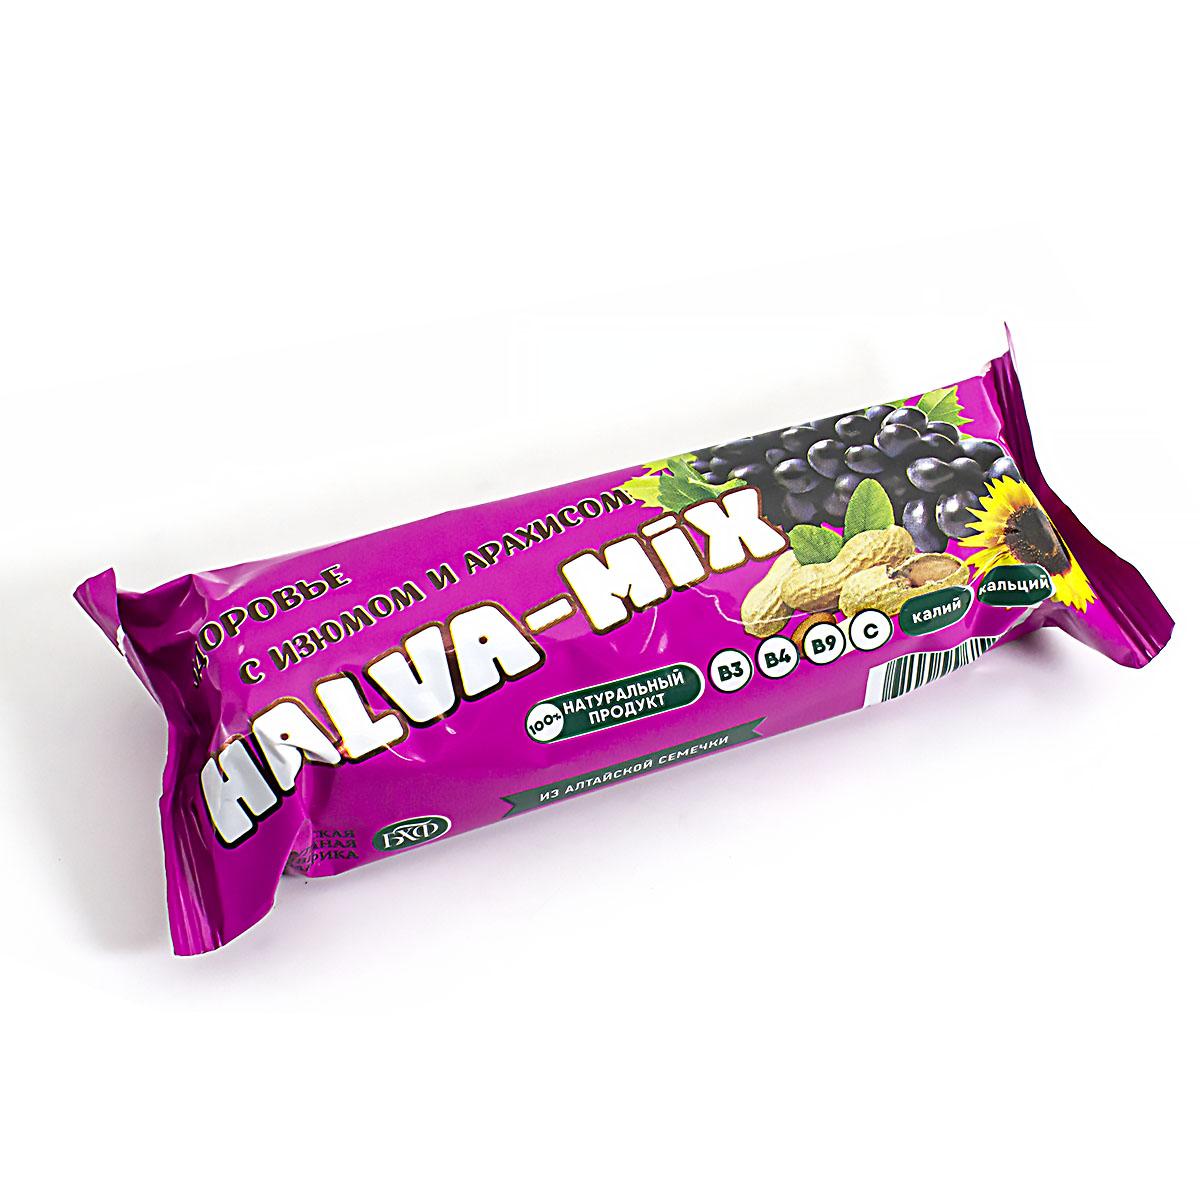 Батончик подсолнечный Halva Mix с изюмом и арахисом, в глазури, 60 г батончик протеиновый weider 32% protein bar ваниль 60 г